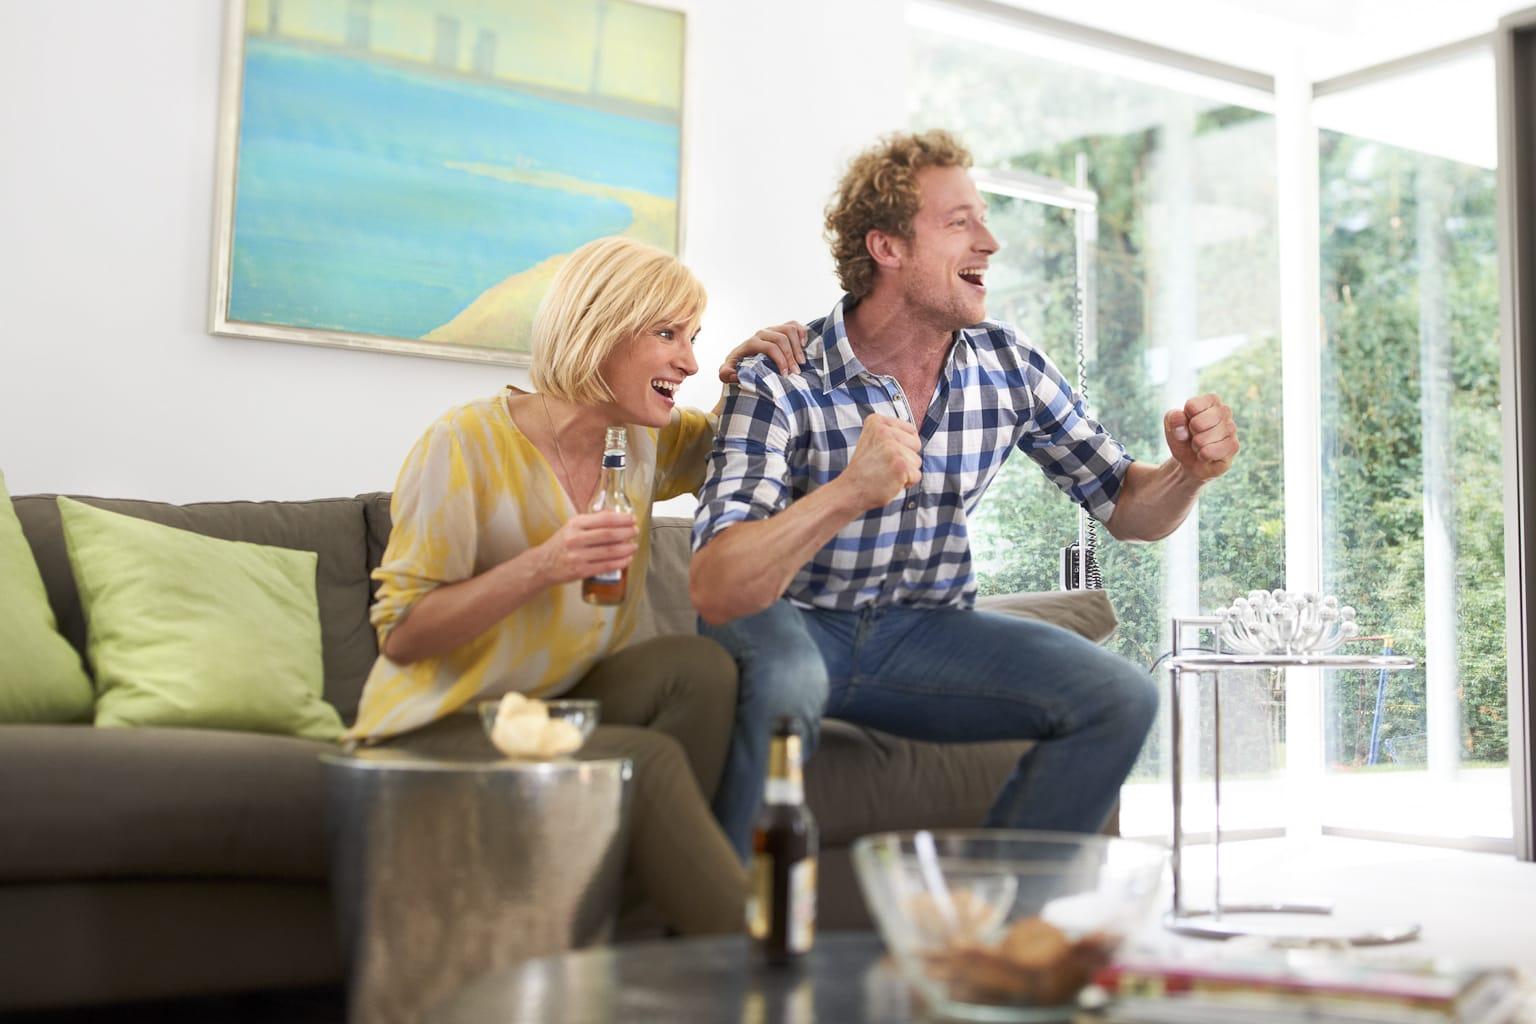 Portrait eines Paares vor dem imaginären Fernsehgerät jubelnd in dem Moment, wo das Tor fällt